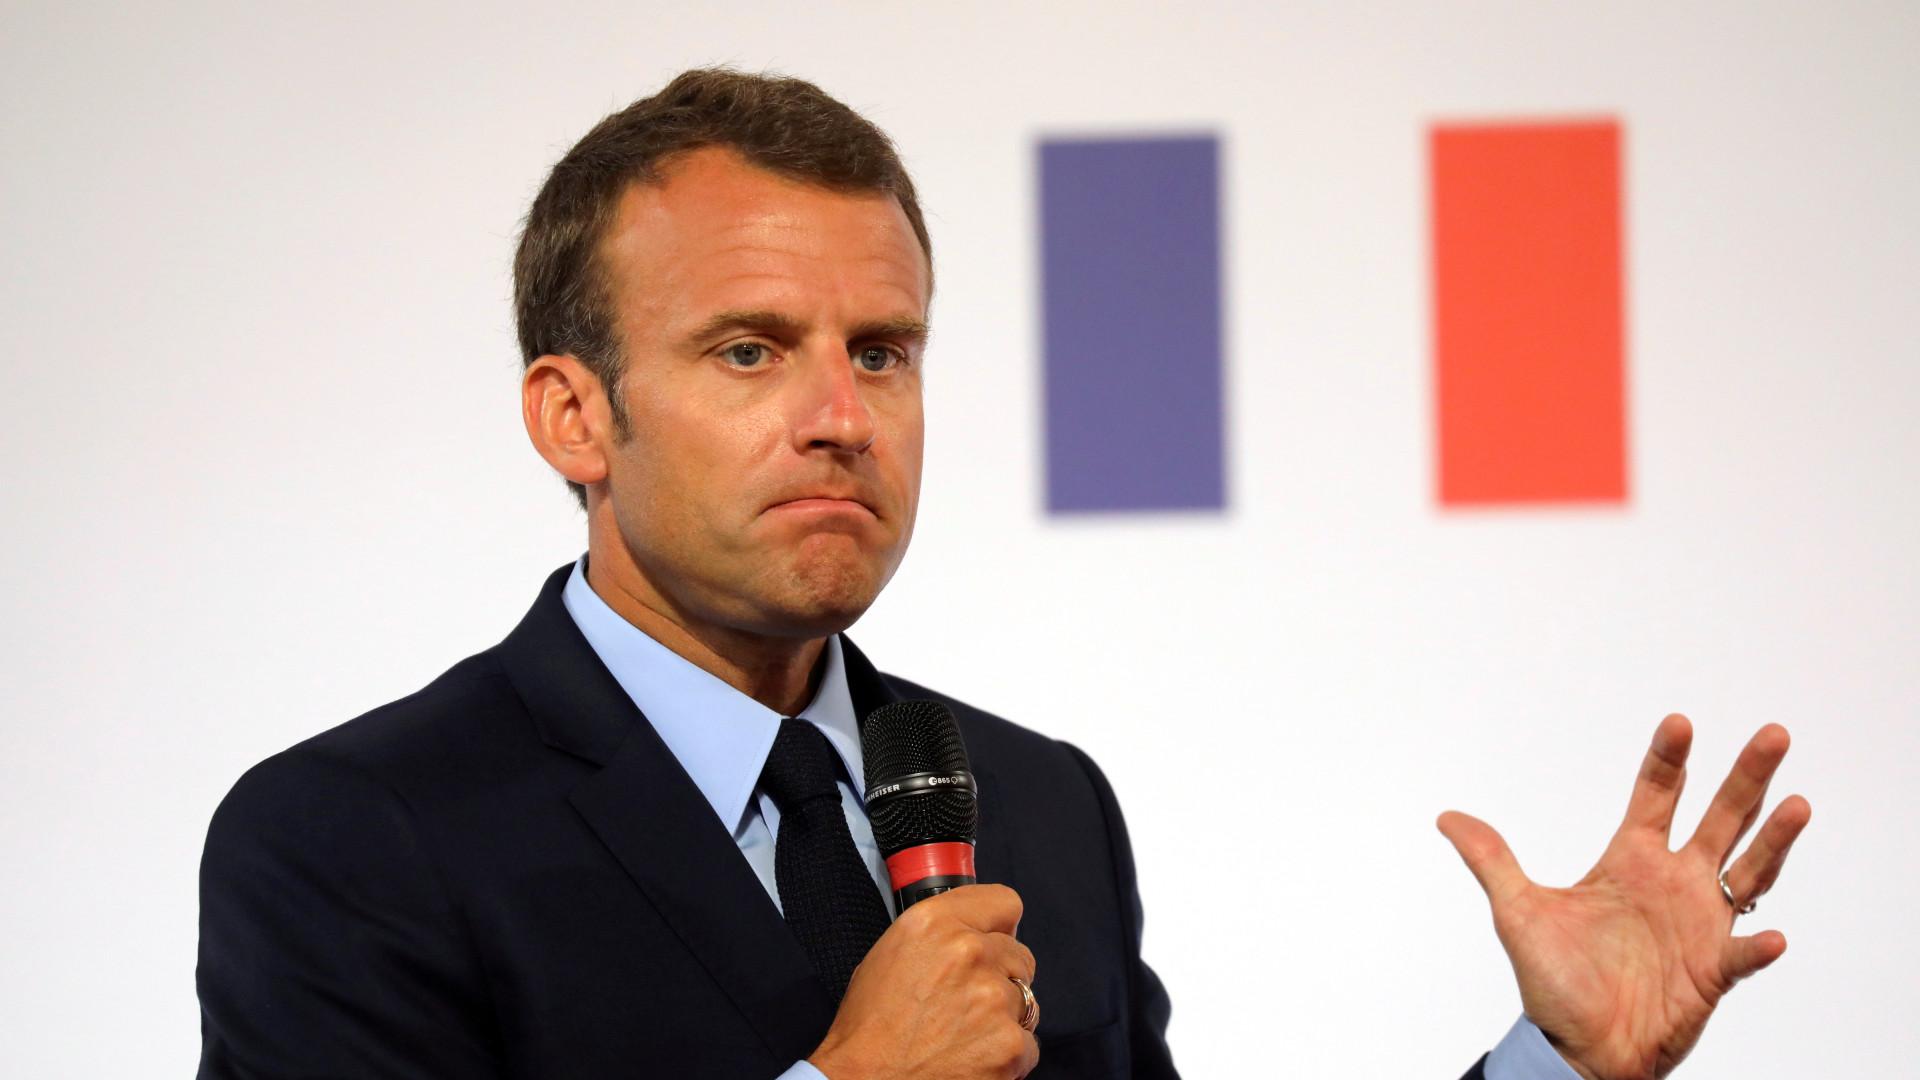 Macron critica aumento do discurso racista e antissemita em França